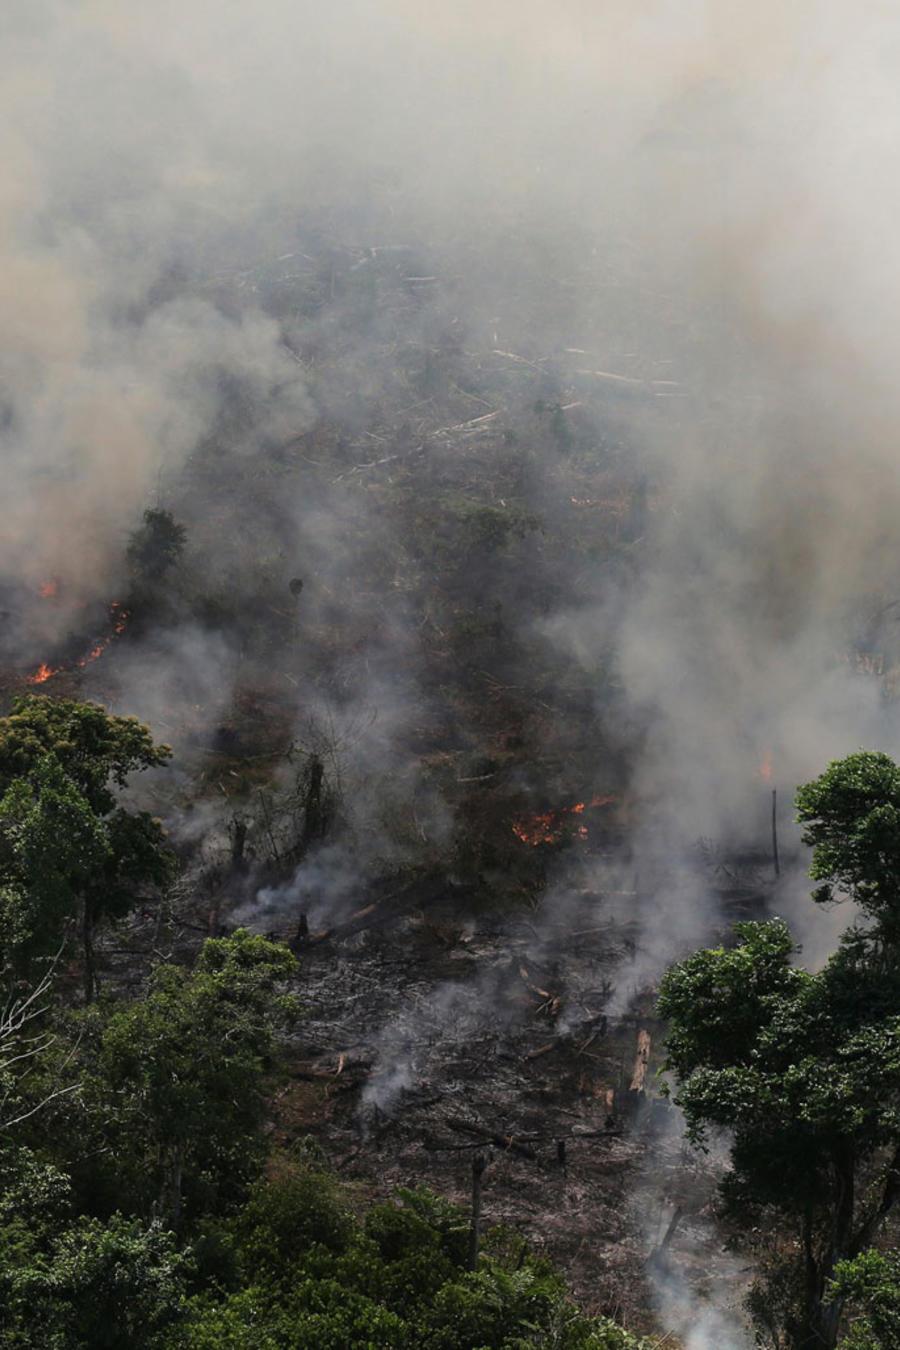 Incendio intencional en el Amazonas para limpiar el terreno para agricultura